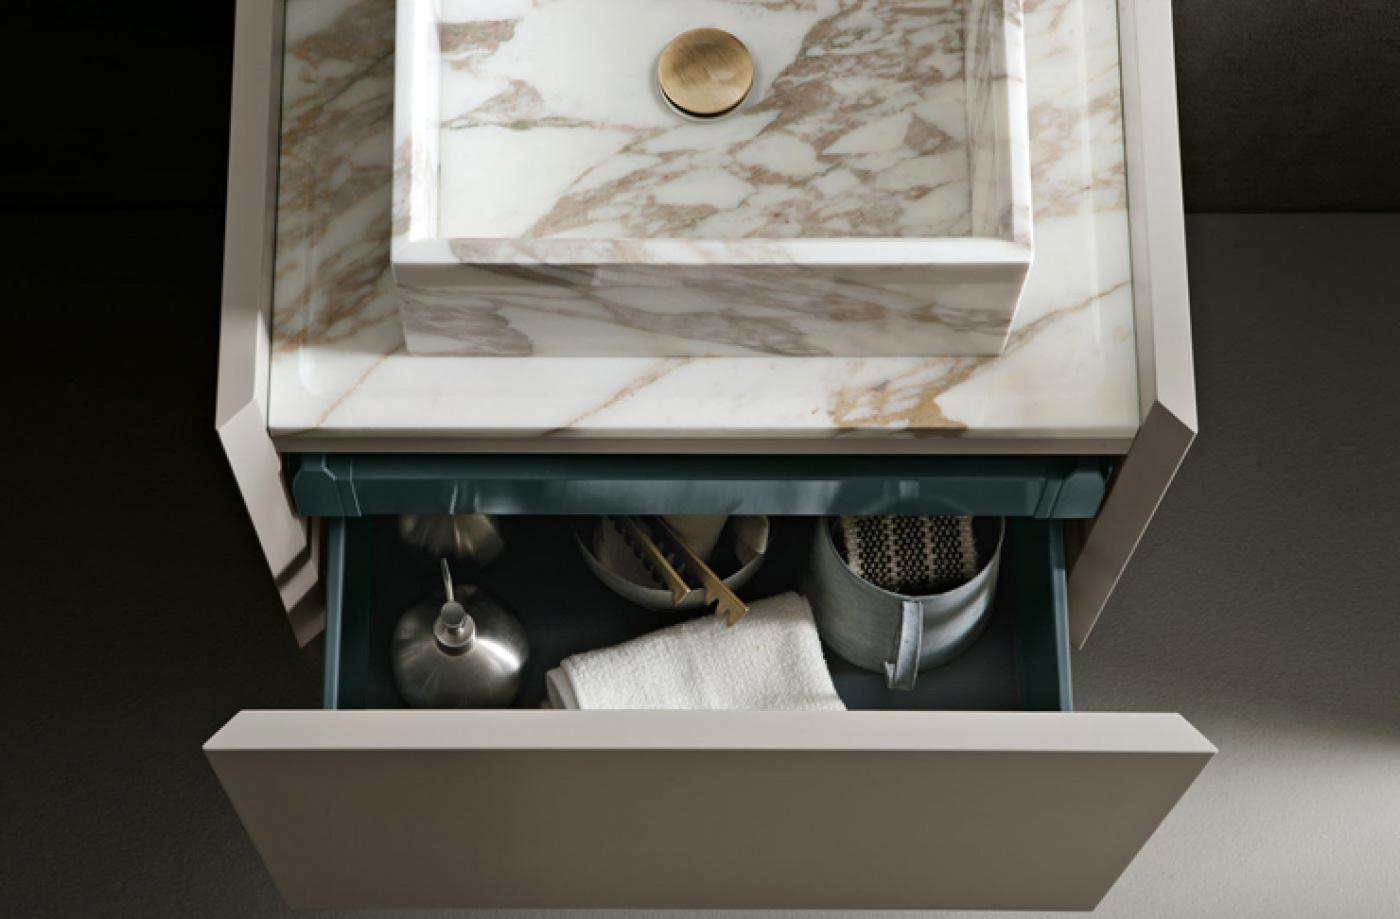 Granit Vasque et Plan Calacata Vagli Oro sur meuble Altamarea Must (design Willy Dalto) www.altamareabath.it